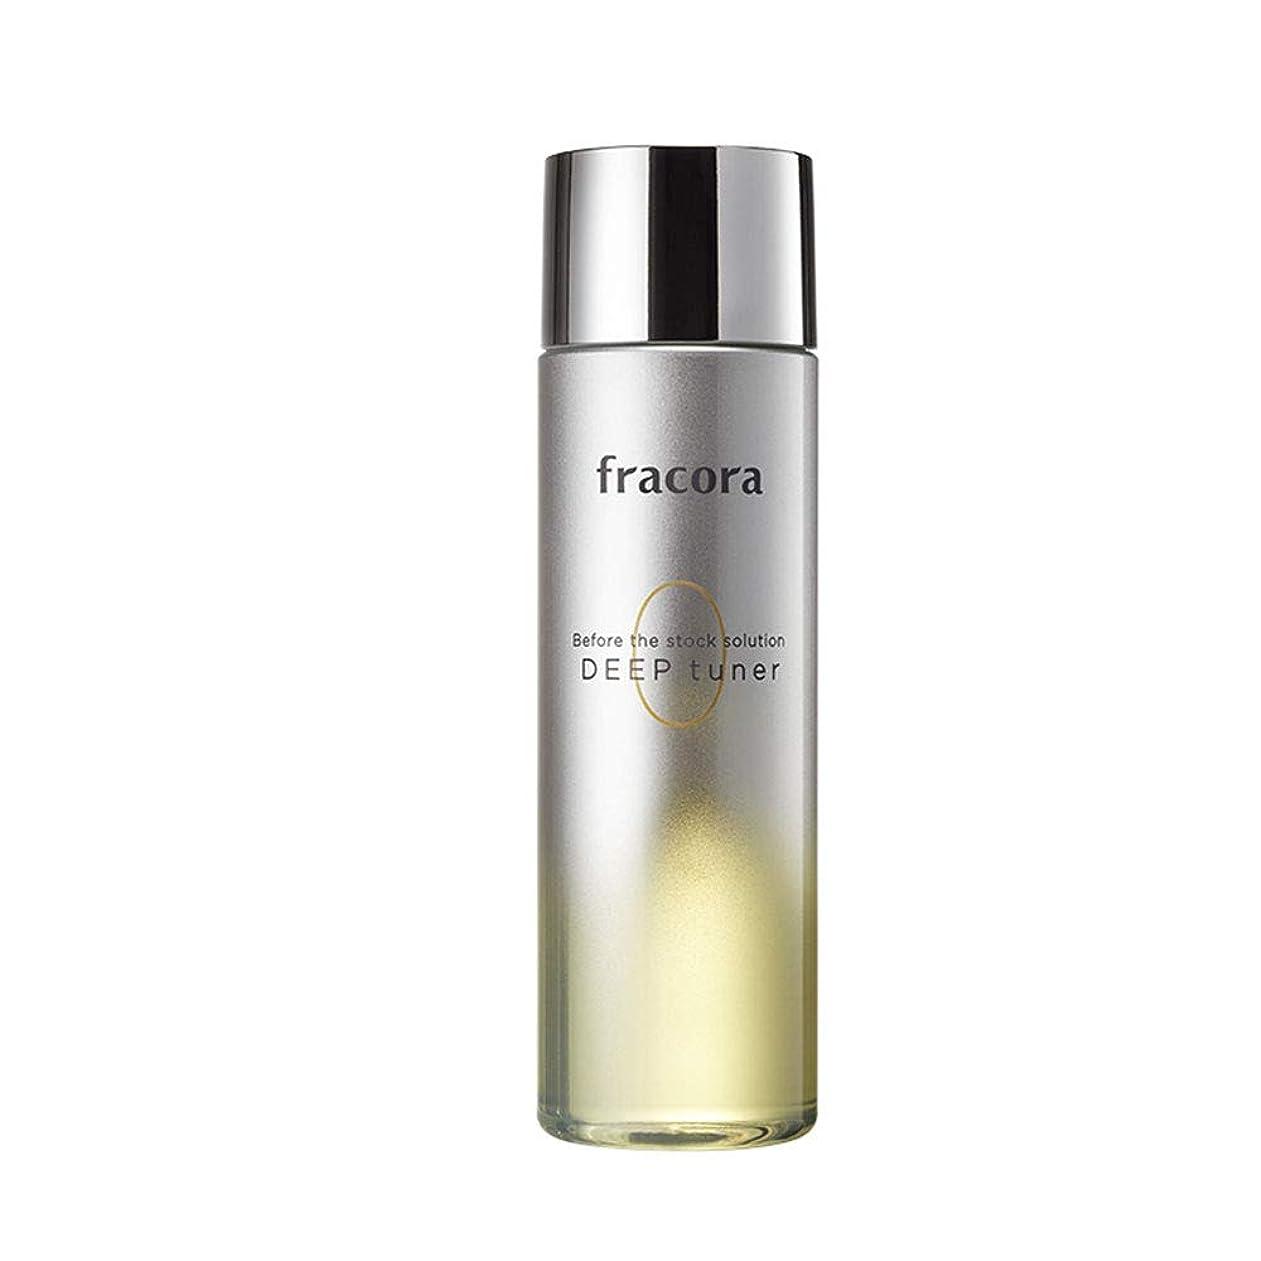 評価勝利呼吸するfracora(フラコラ) 保湿液 ディープ チューナー 120mL